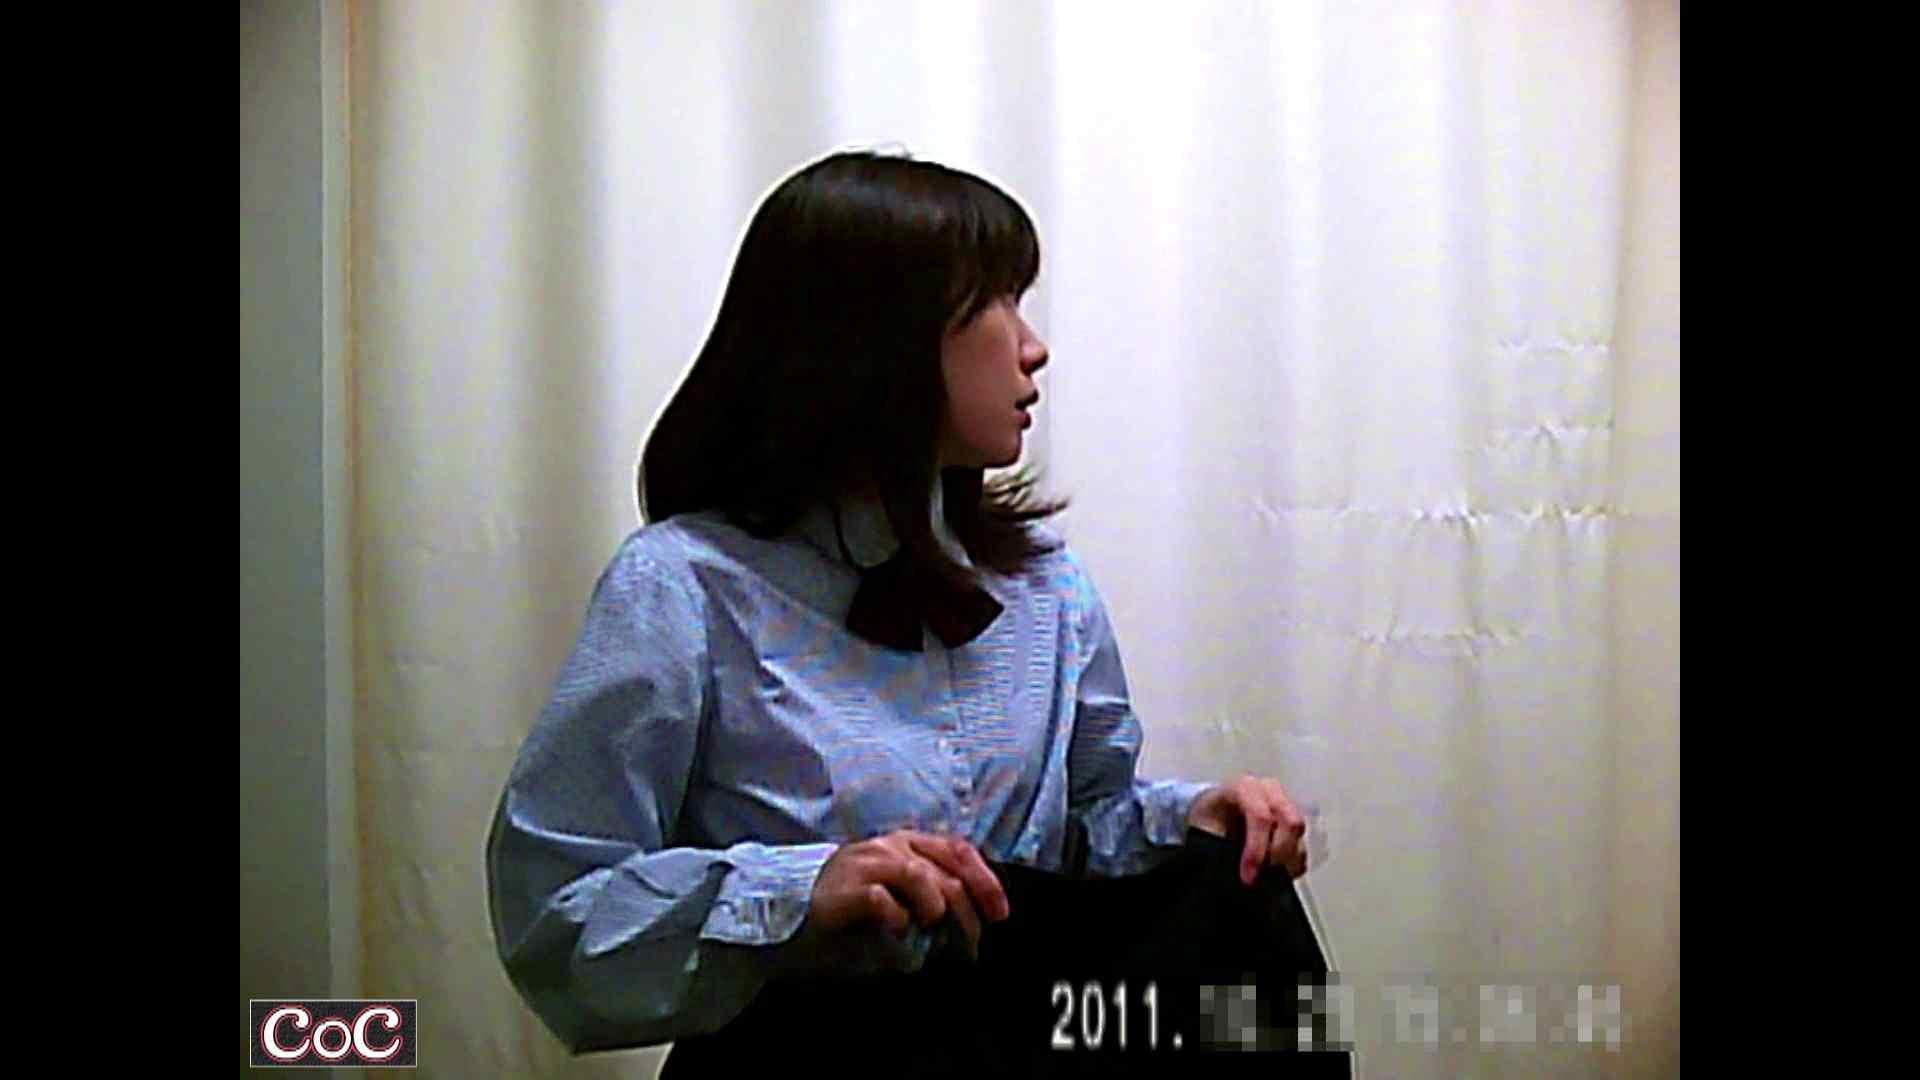 病院おもいっきり着替え! vol.75 巨乳 のぞき動画画像 107pic 96